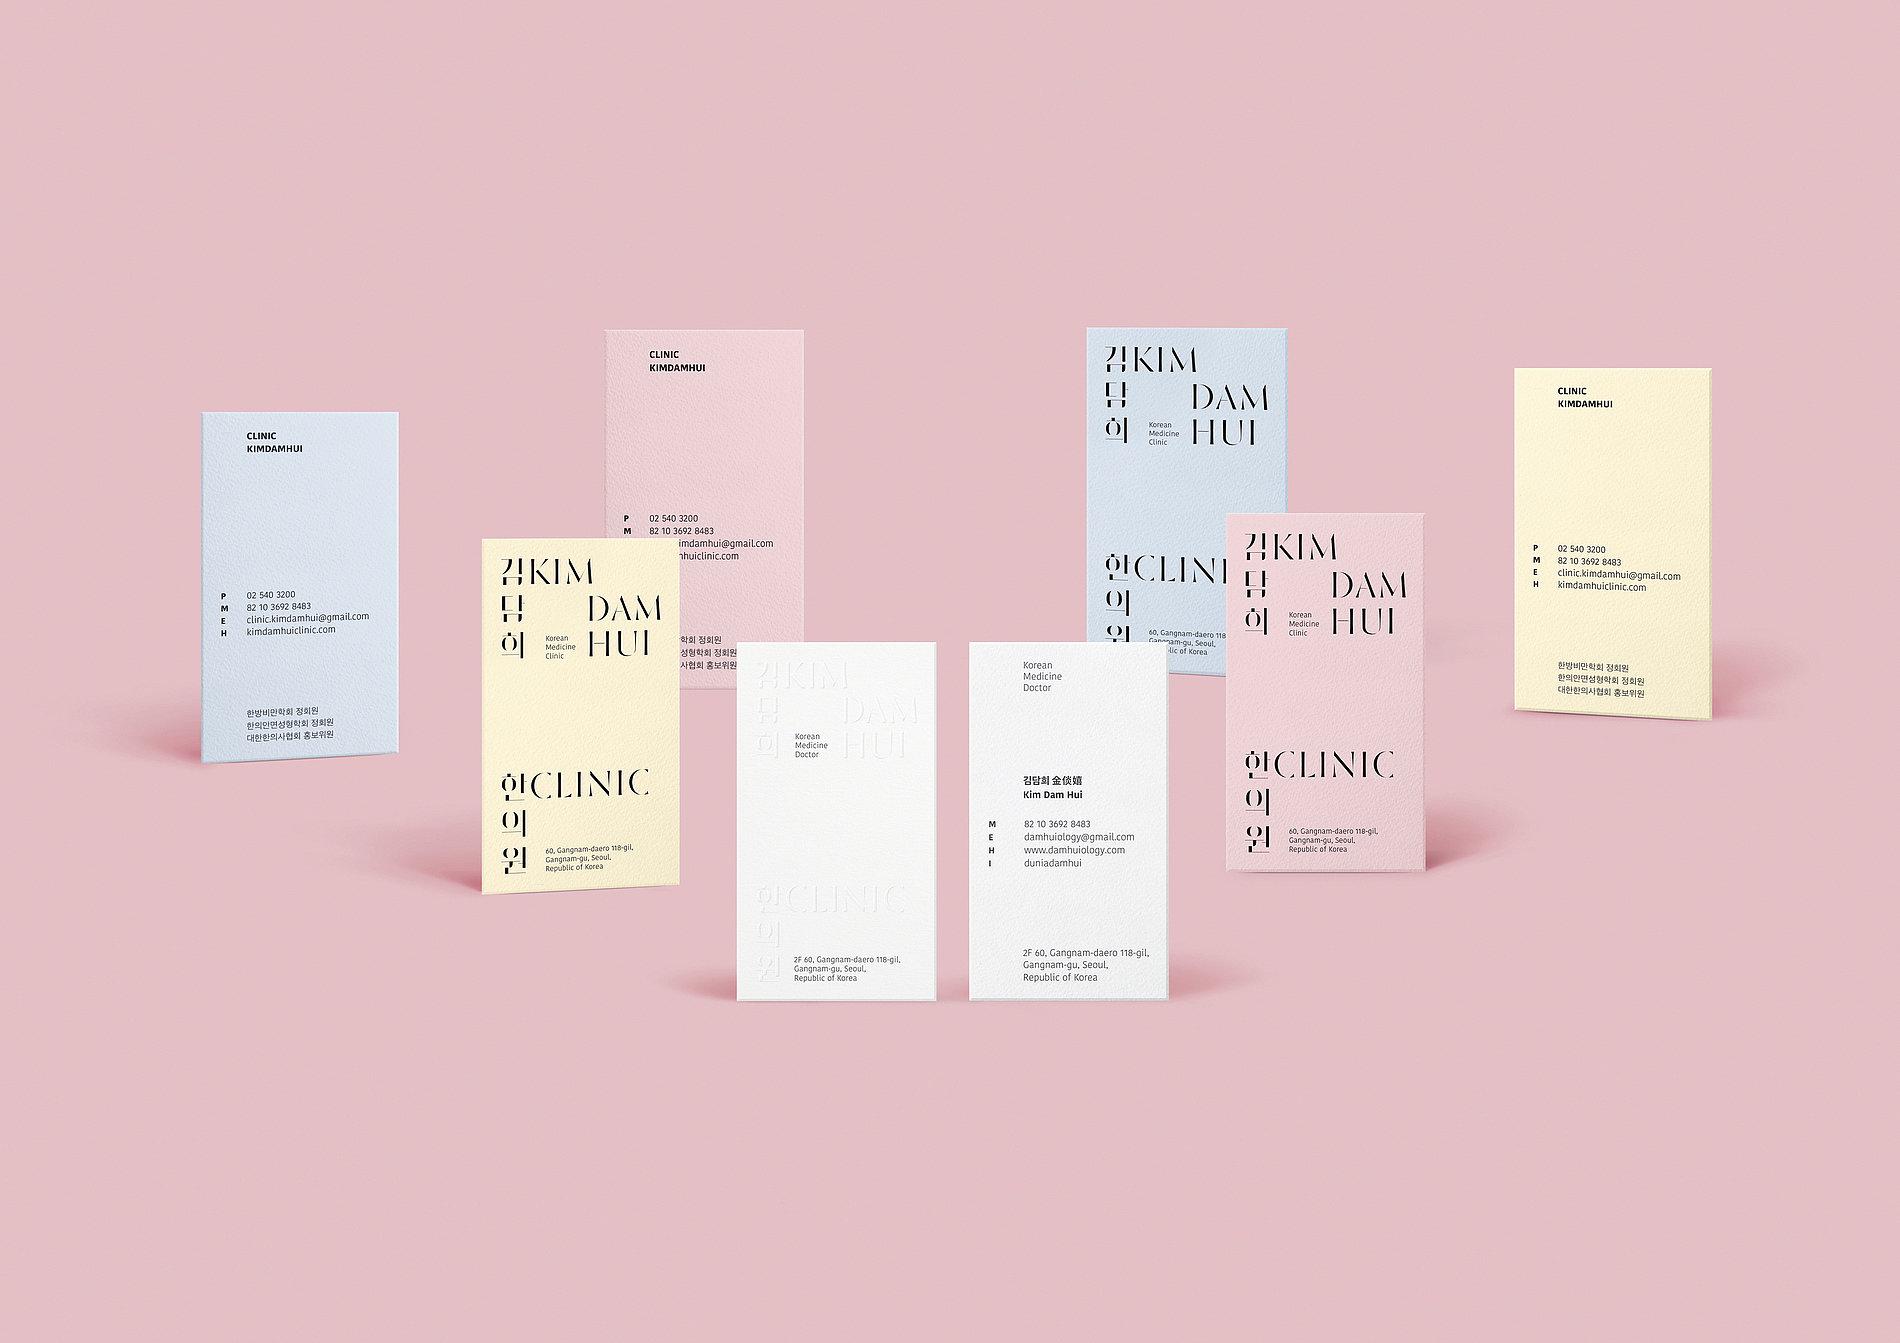 Clinic Kimdamhui | Red Dot Design Award